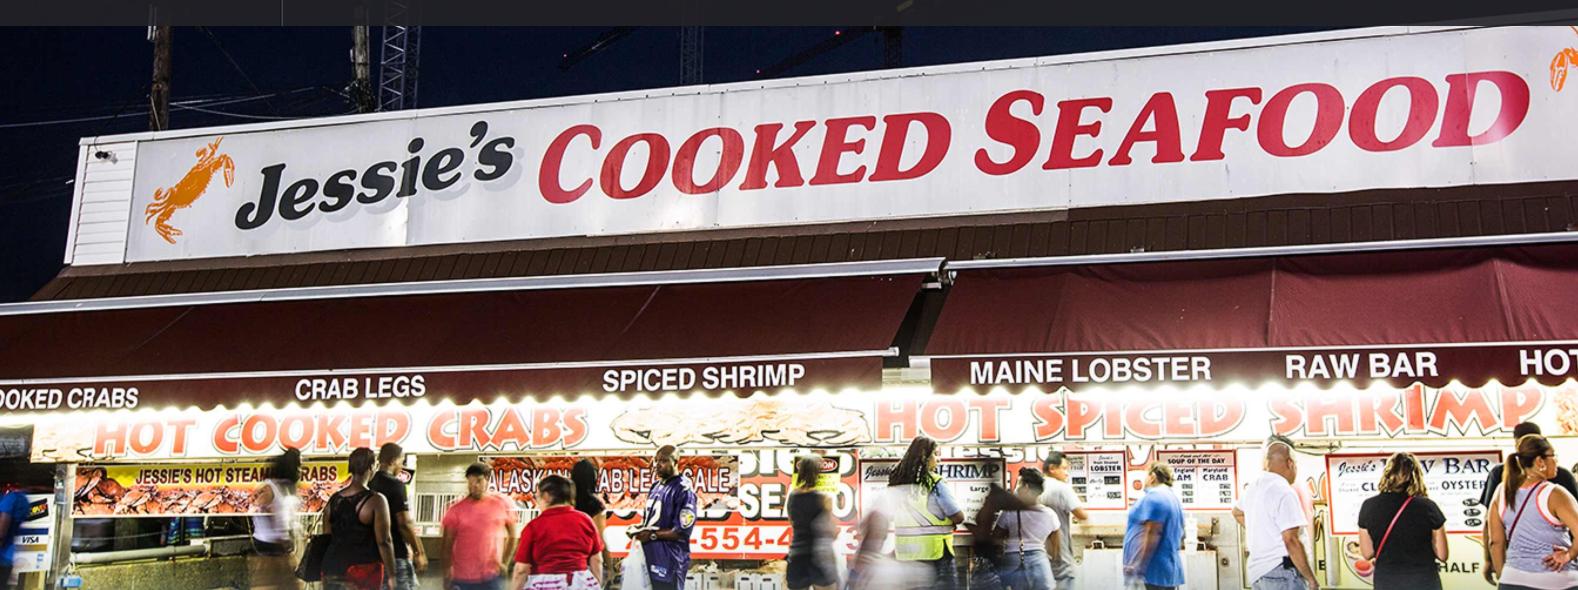 緬因大道上的魚市場從1805年開始營業,是美國歷史最悠久的露天魚市場,這個新的開發案中特別保留魚市場,並維持原來風貌,繼續服務市民。(www.wharfdc.com)